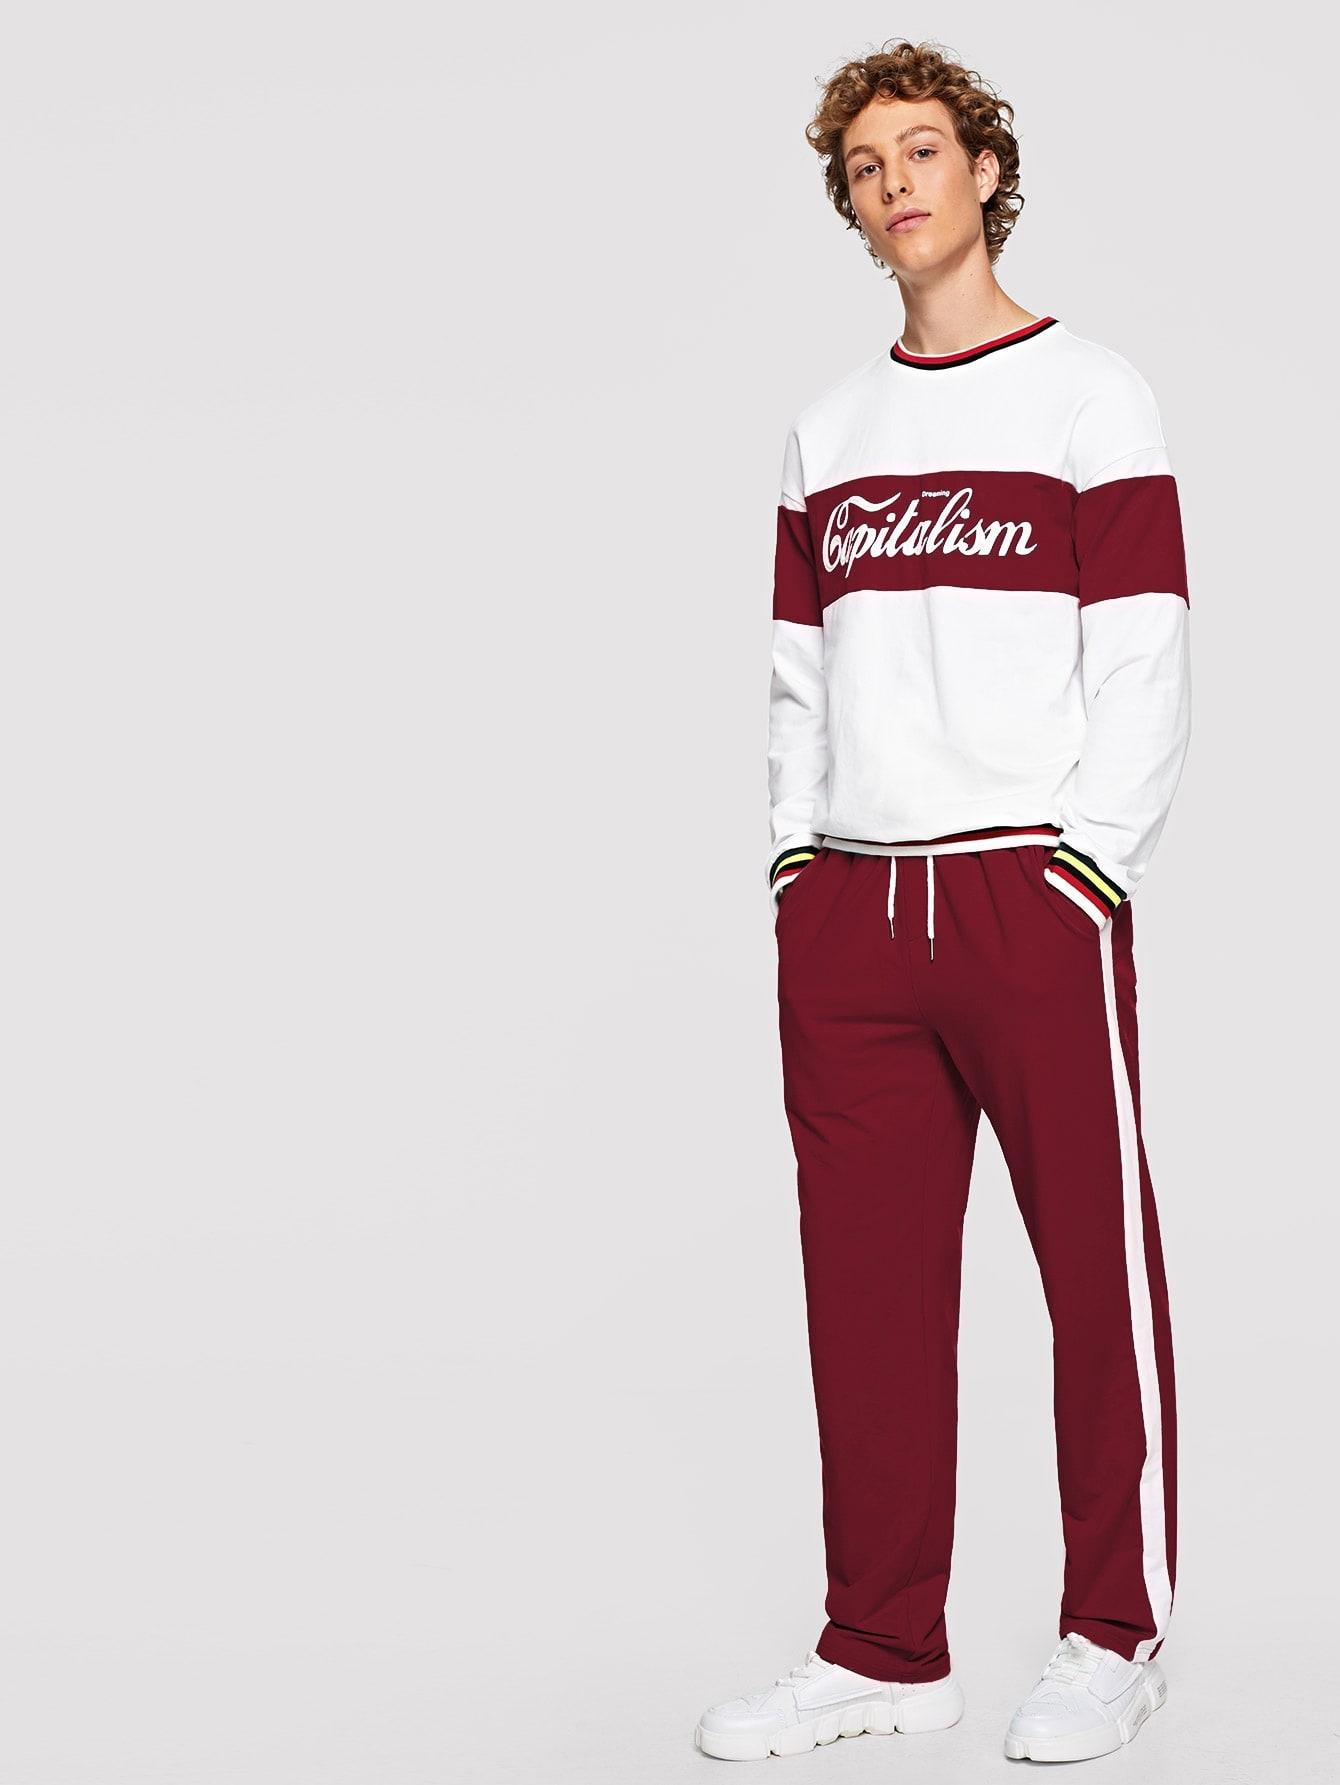 Купить Мужская блуза с полосатыми оторочками и принтом букв и брюки, Kristian, SheIn